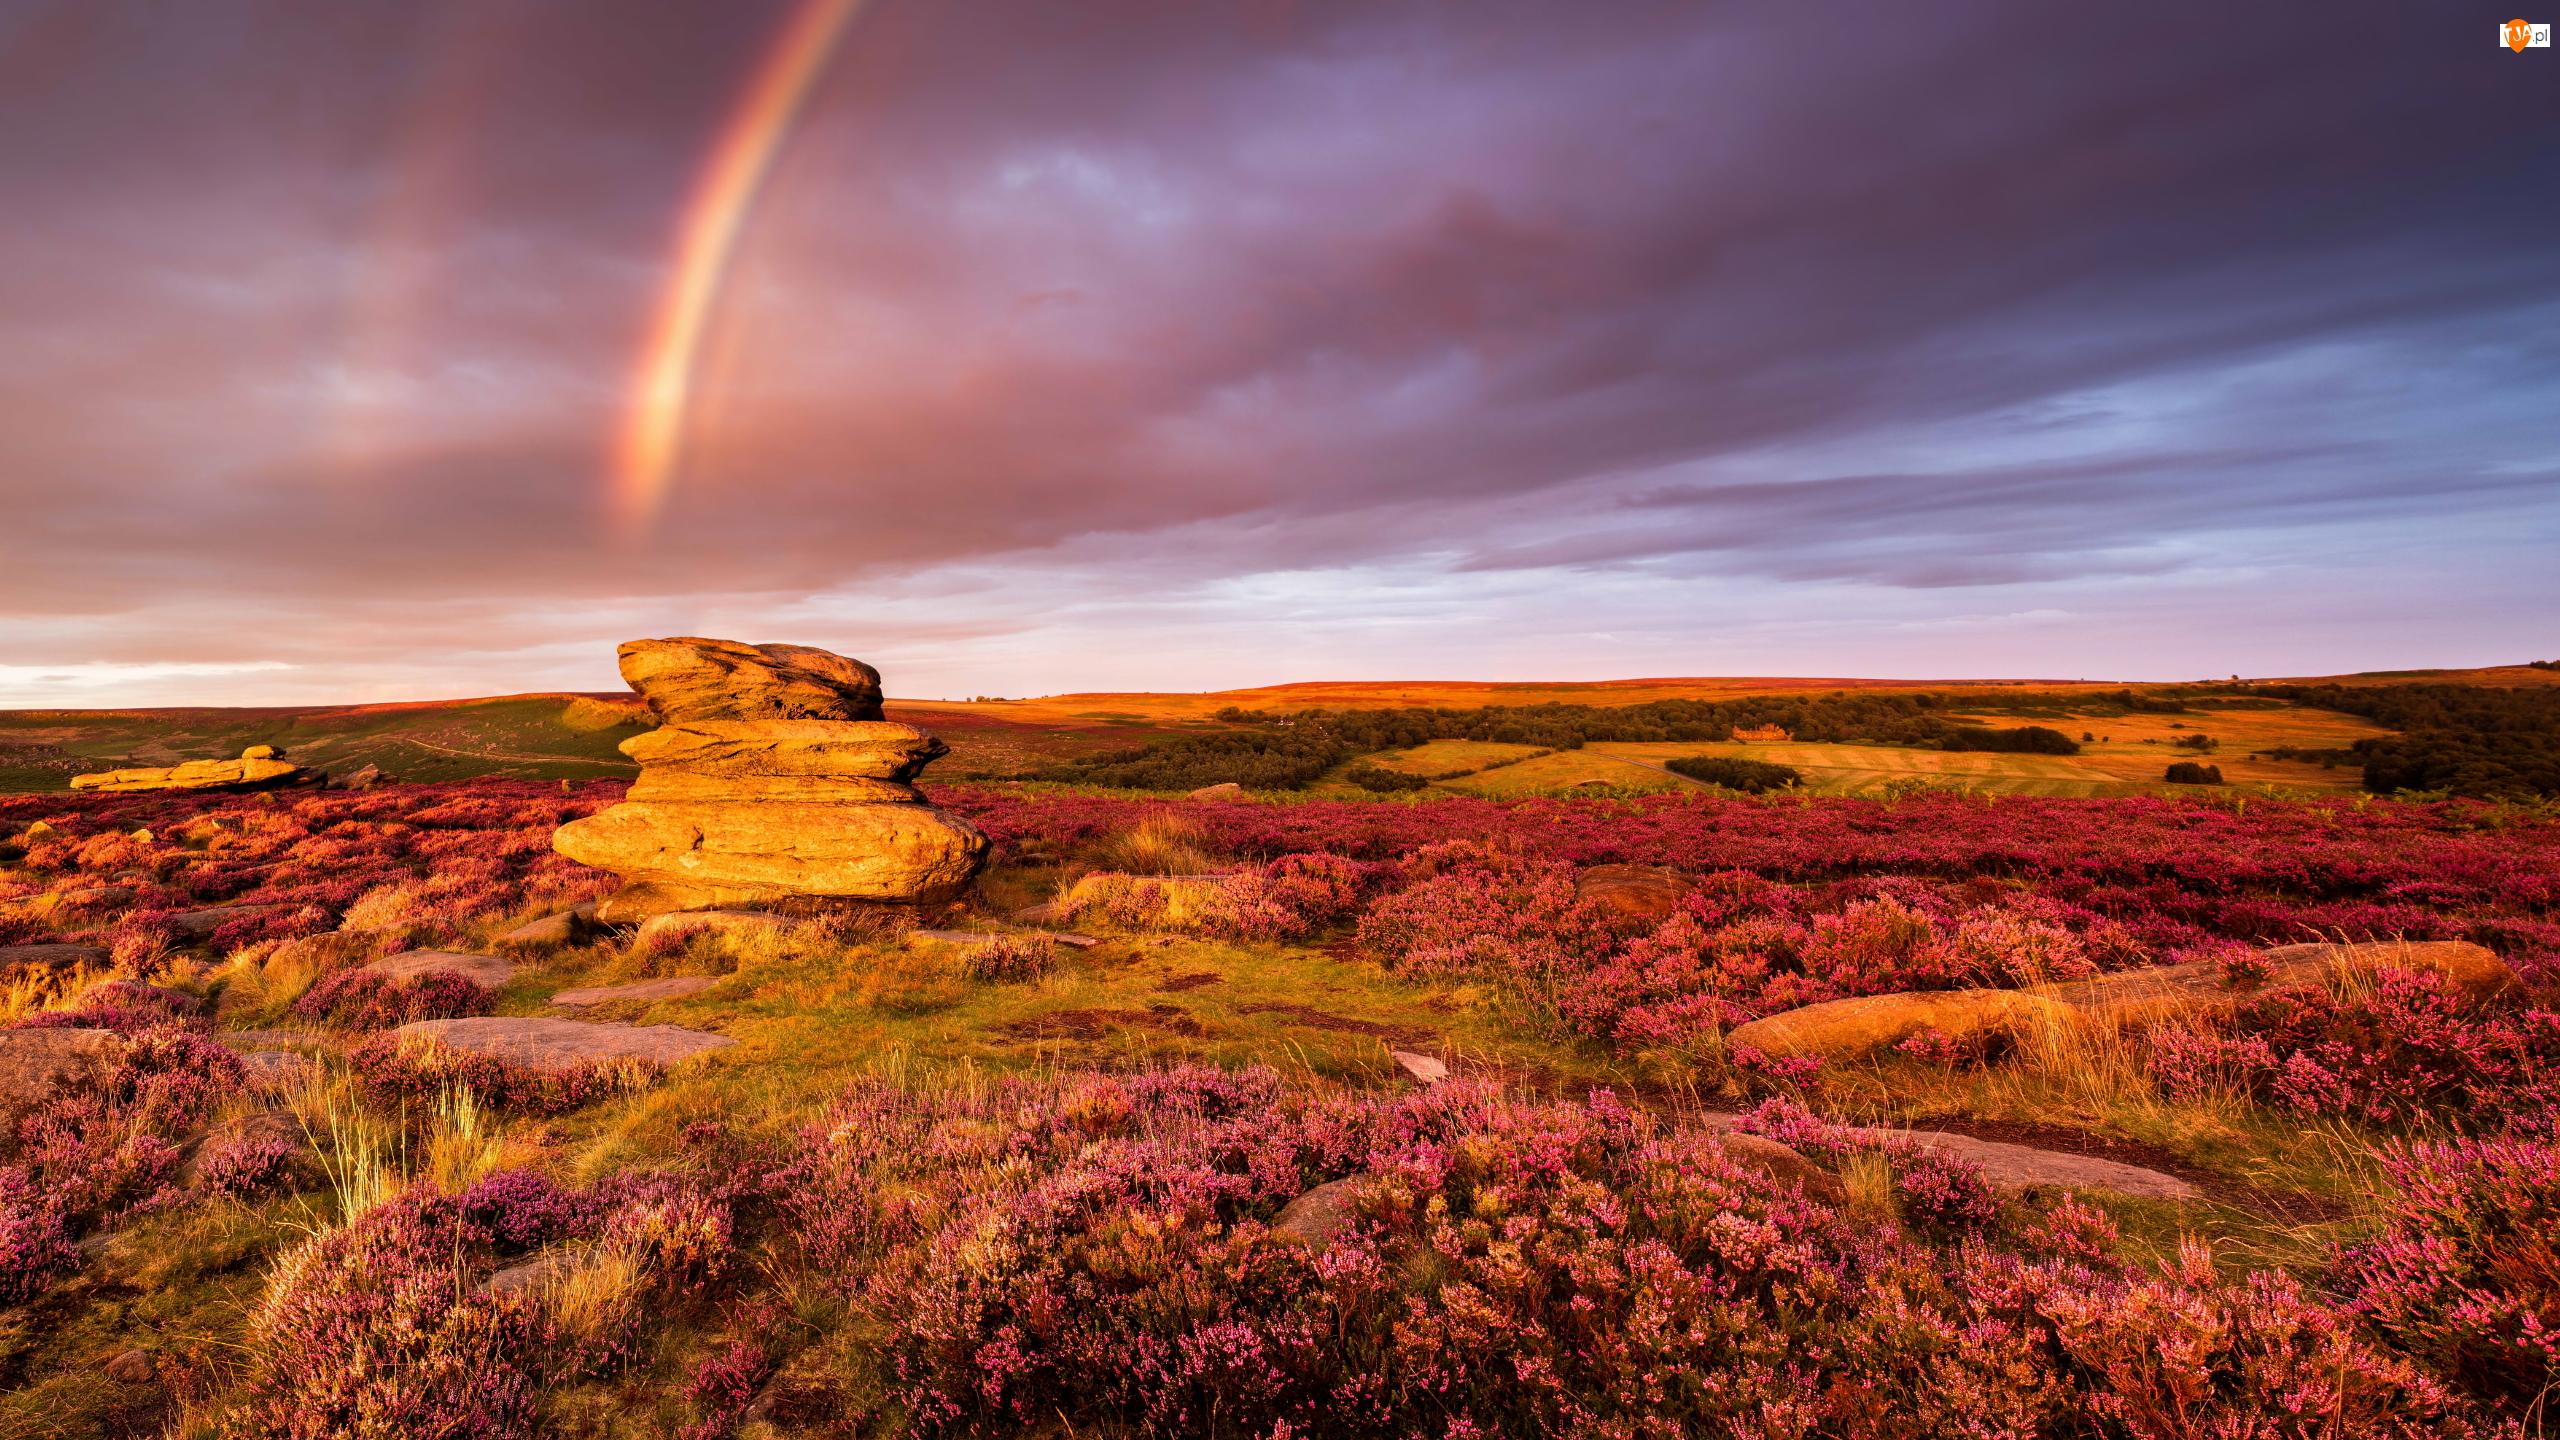 Park Narodowy Peak District, Wrzosowisko, Zachód słońca, Hrabstwo Derbyshire, Wzgórza, Tęcza, Anglia, Skały